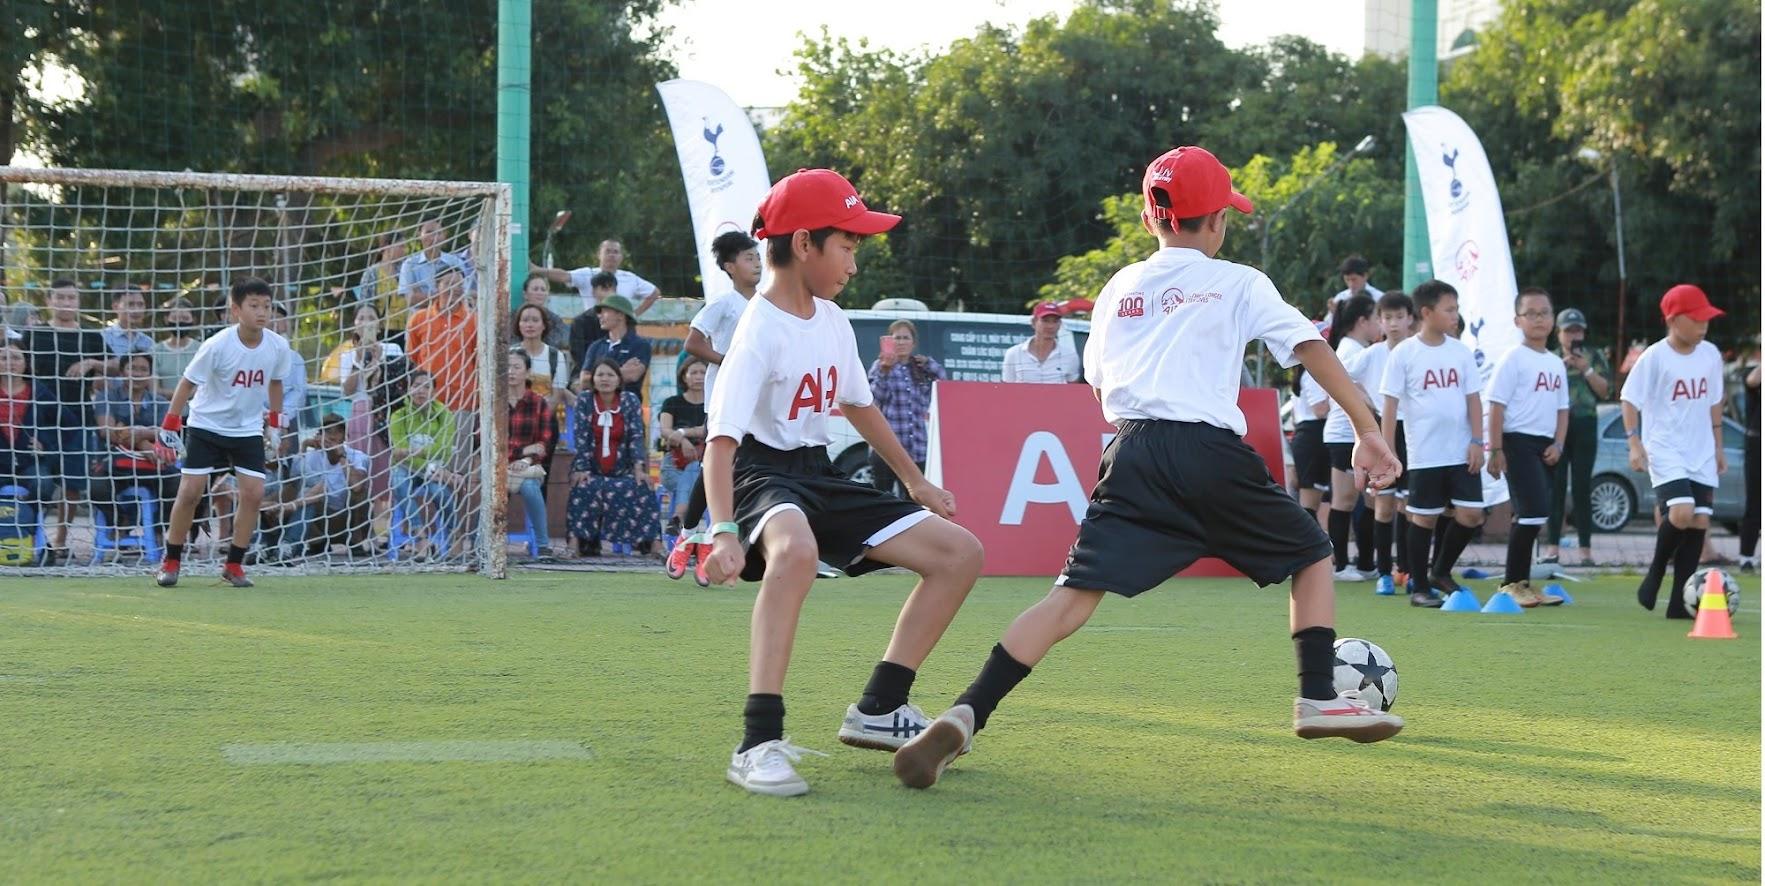 Tại Ngày hội, các chân sút nhí đã được huấn luyện lần lượt các kĩ năng cơ bản như chuyền bóng, sút bóng, dẫn bóng tốc độ, đối kháng và huấn luyện bảo vệ khung thành.